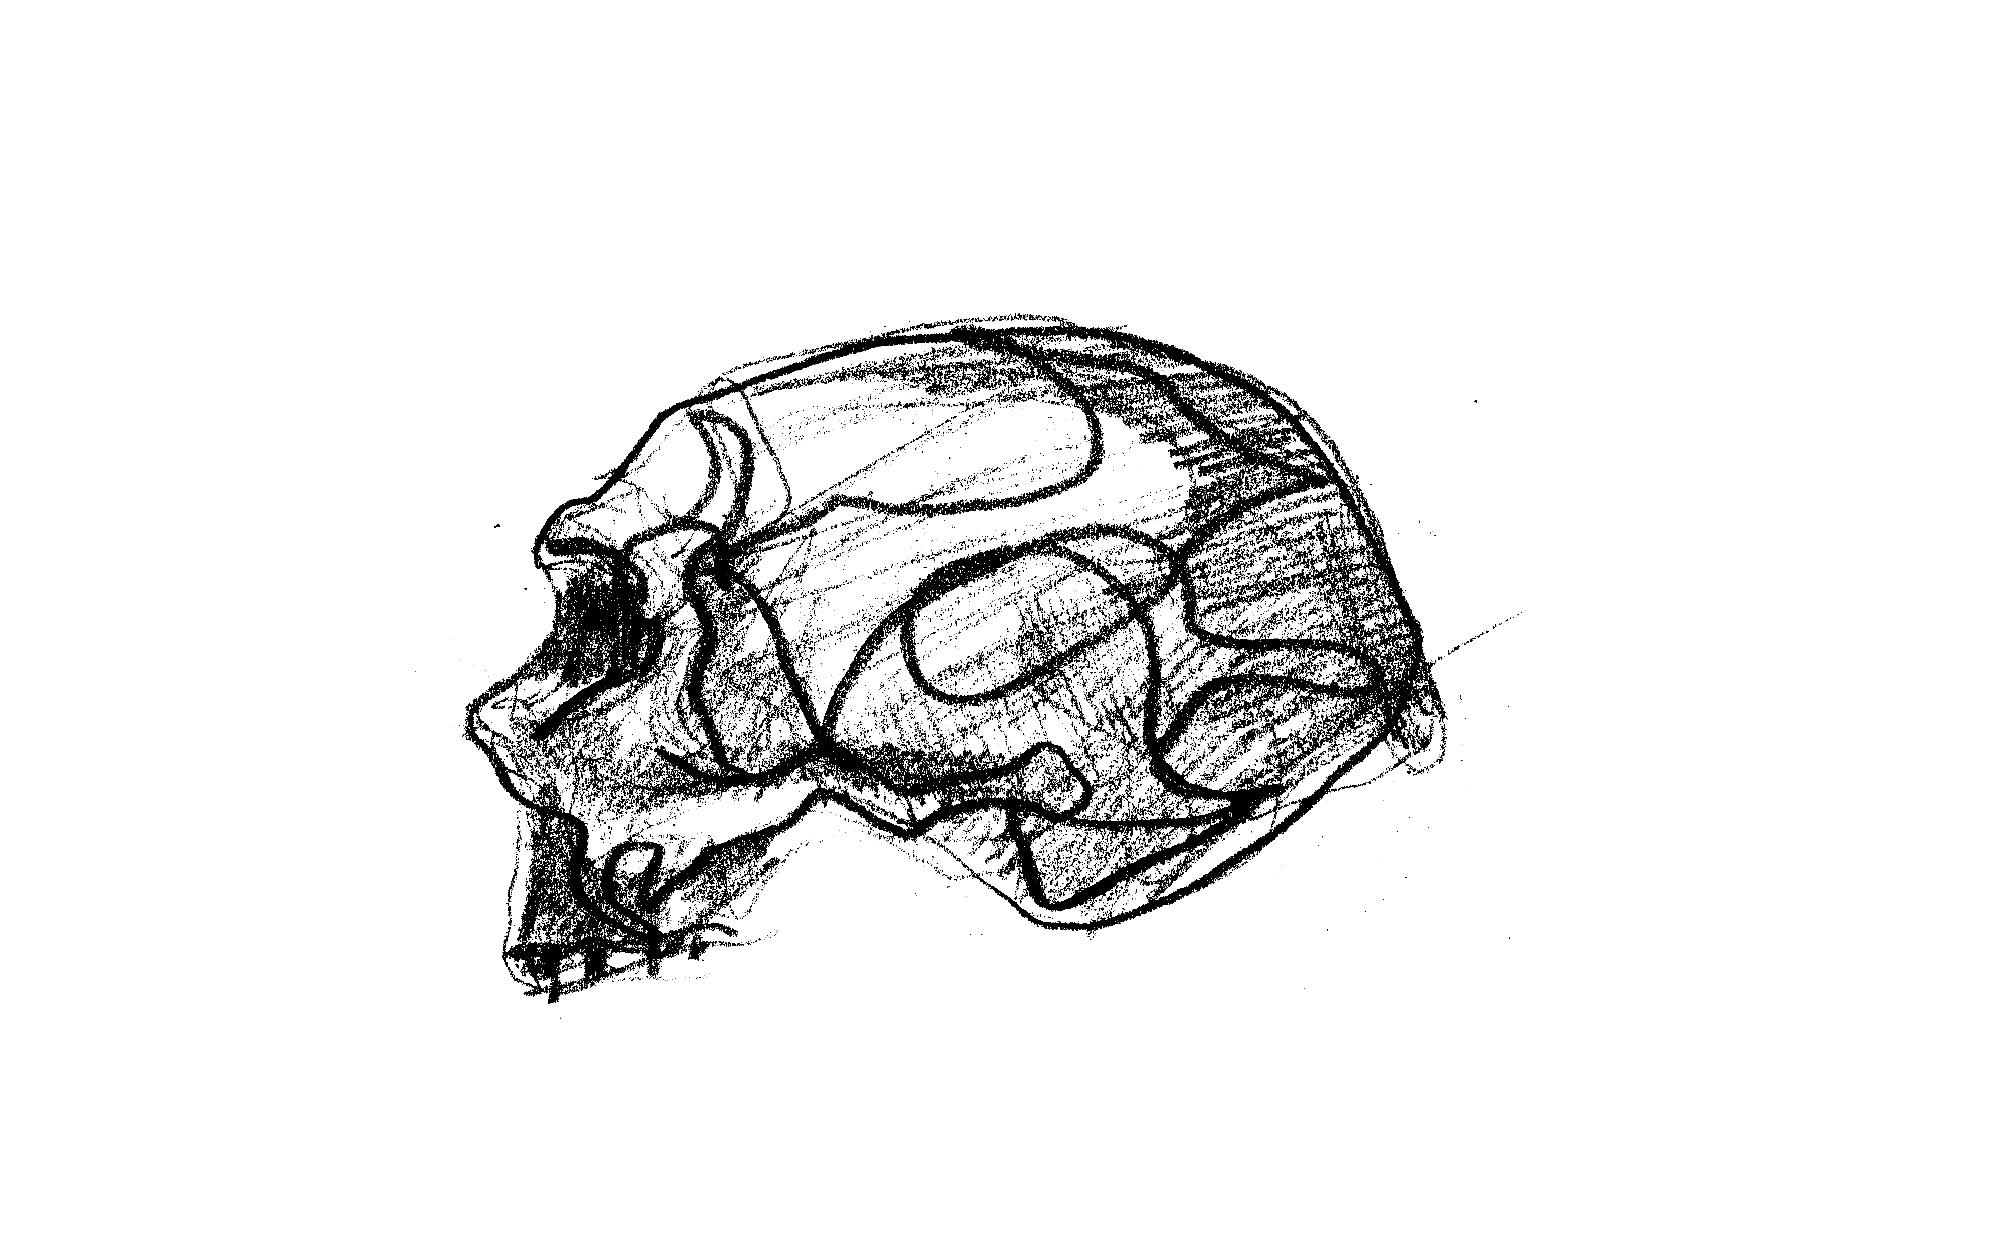 Neaderthal Skull